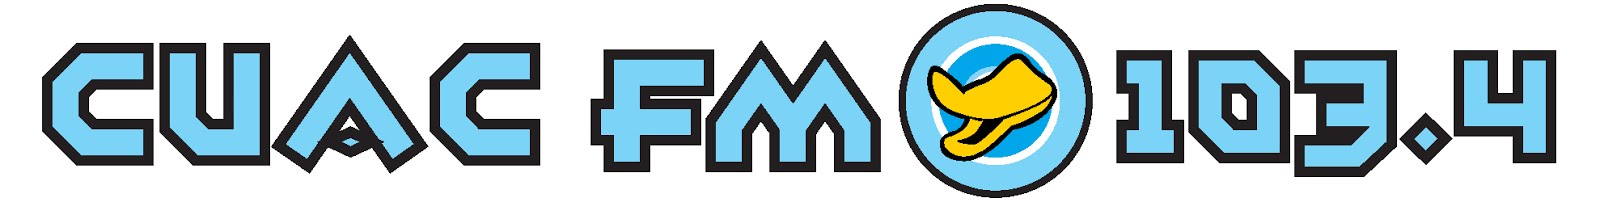 Cuac FM, nada que ver dende 1996